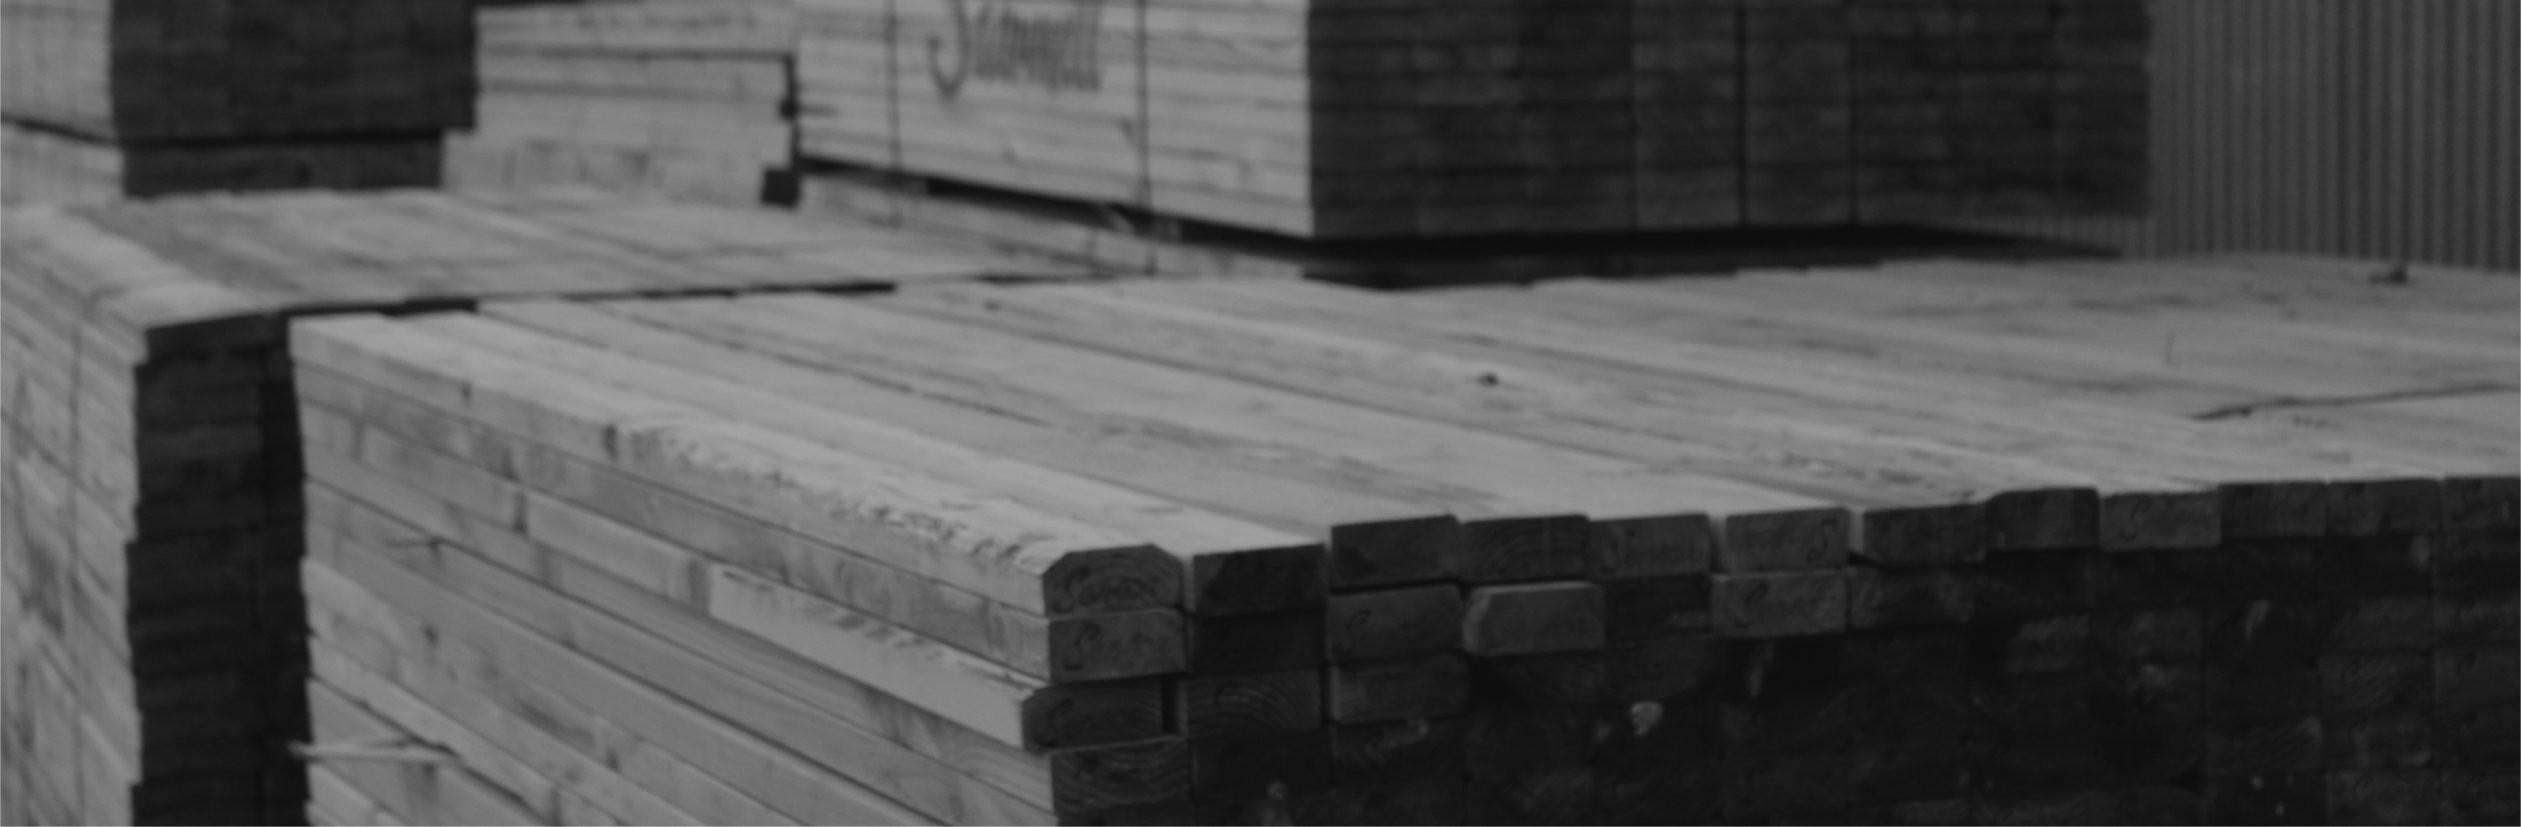 Close Lumber - Corning Lumber | Close Lumber - Corning Lumber